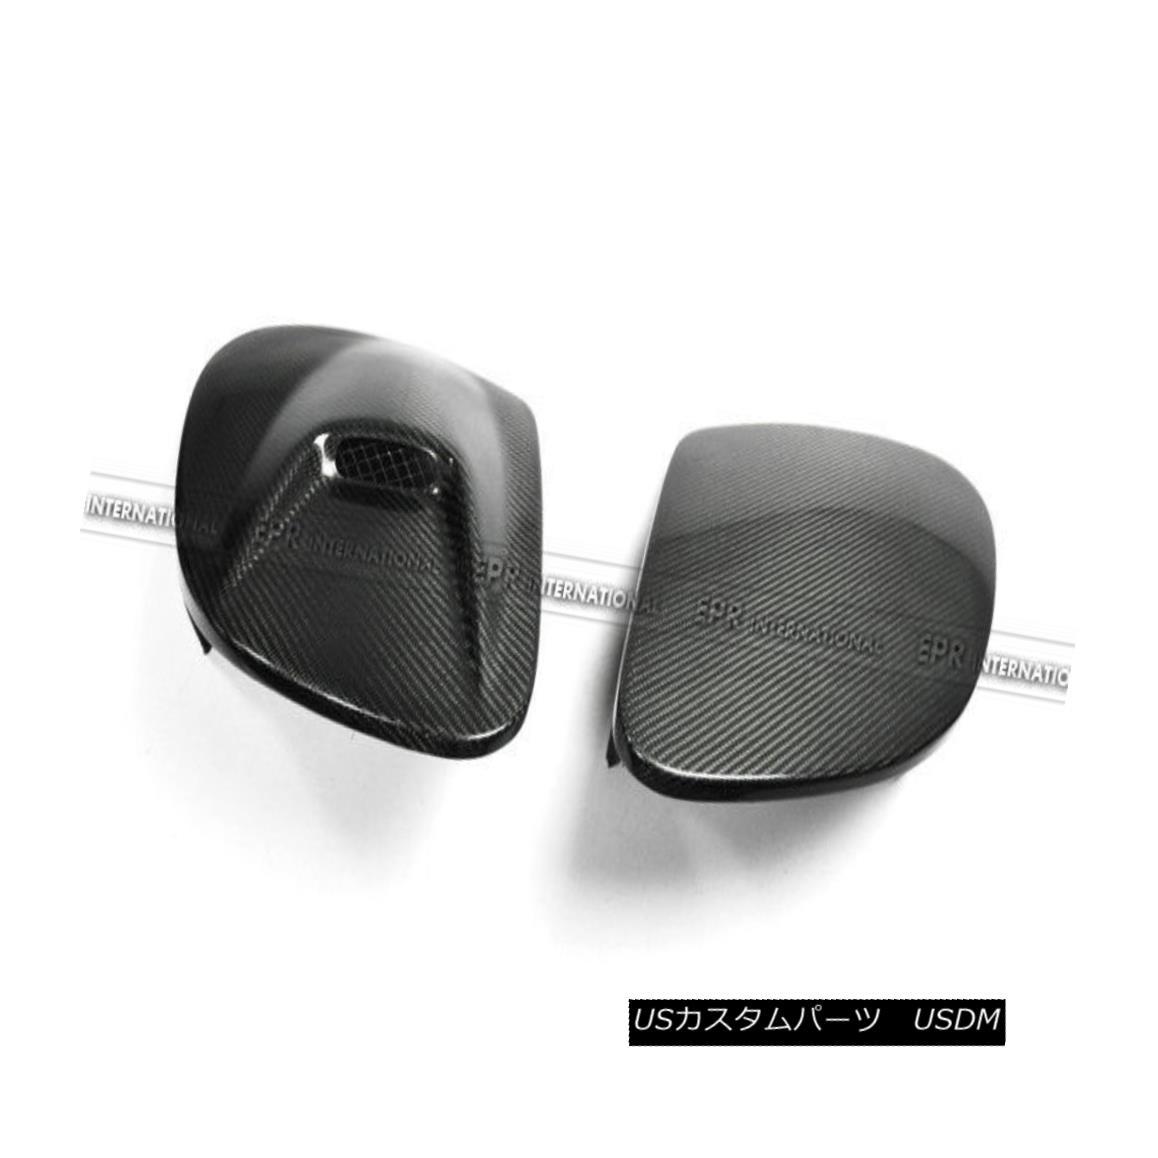 エアロパーツ ABC 2PCS ONLY RHS Vented ) Headlight Covers For Mazda RX7 FD3S Carbon Fiber NACA ABC 2PCSのみリーブベント)マツダRX7 FD3S炭素繊維NACA用ヘッドライトカバー